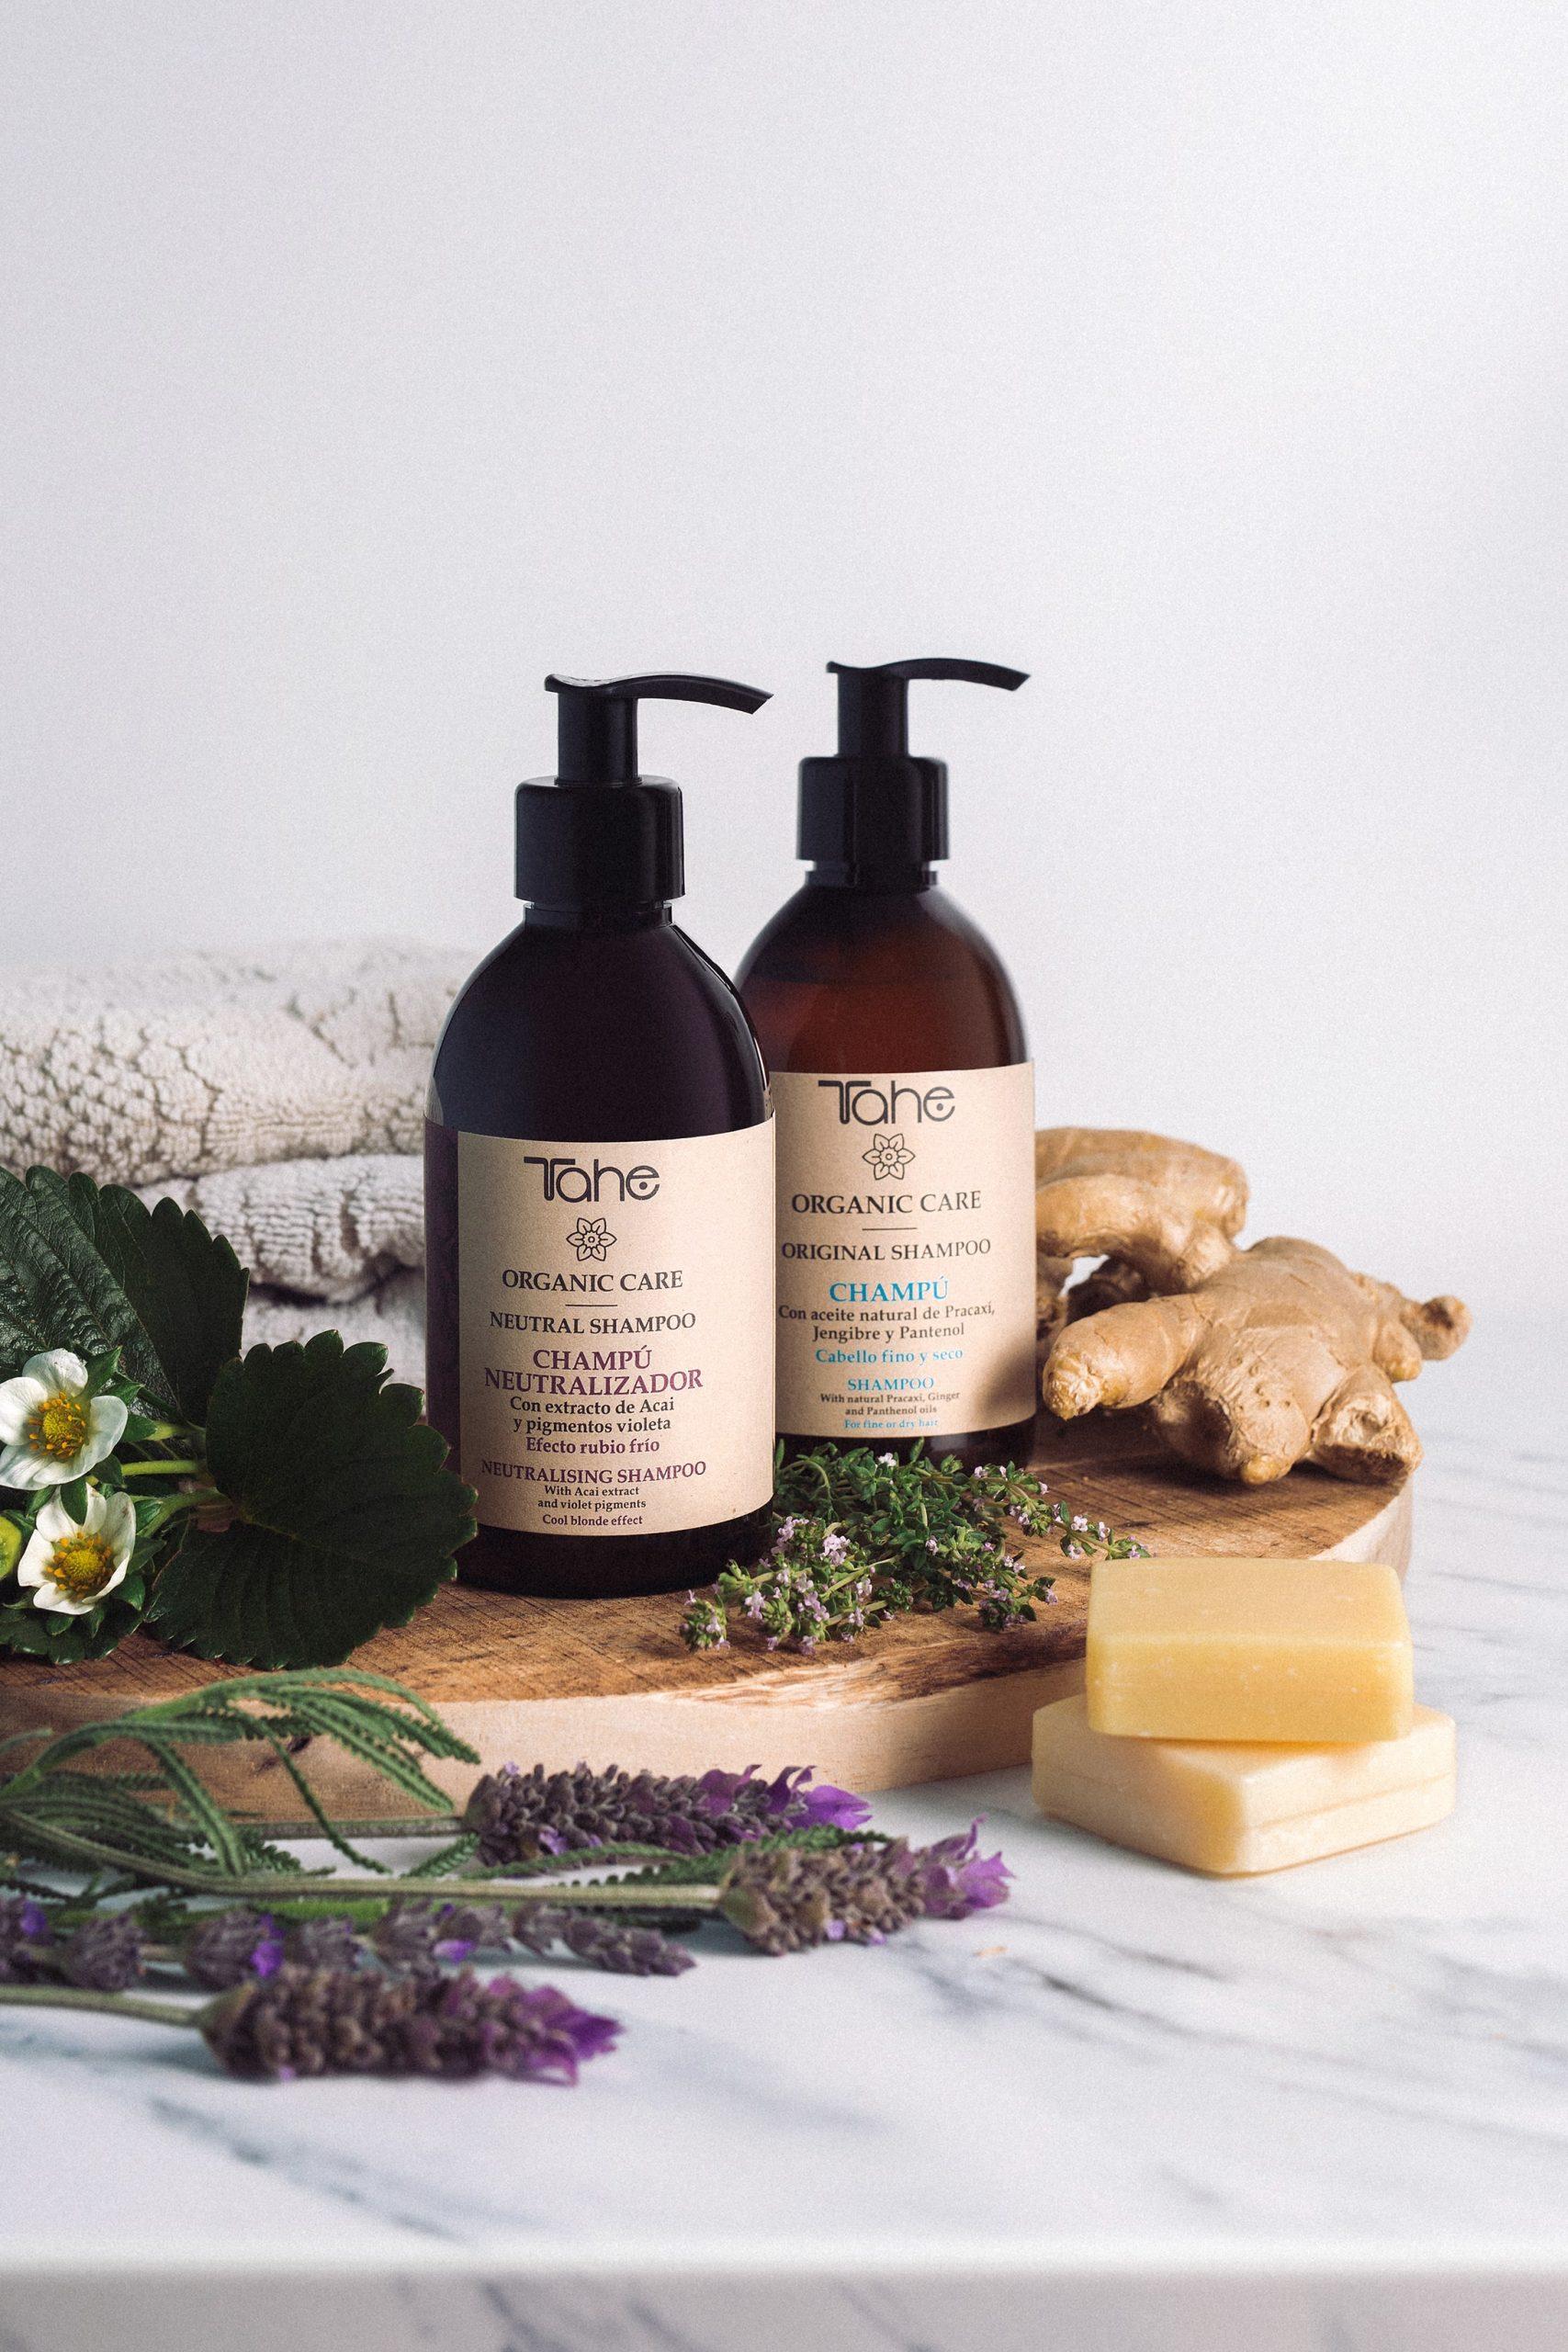 productos cosméticos orgánicos